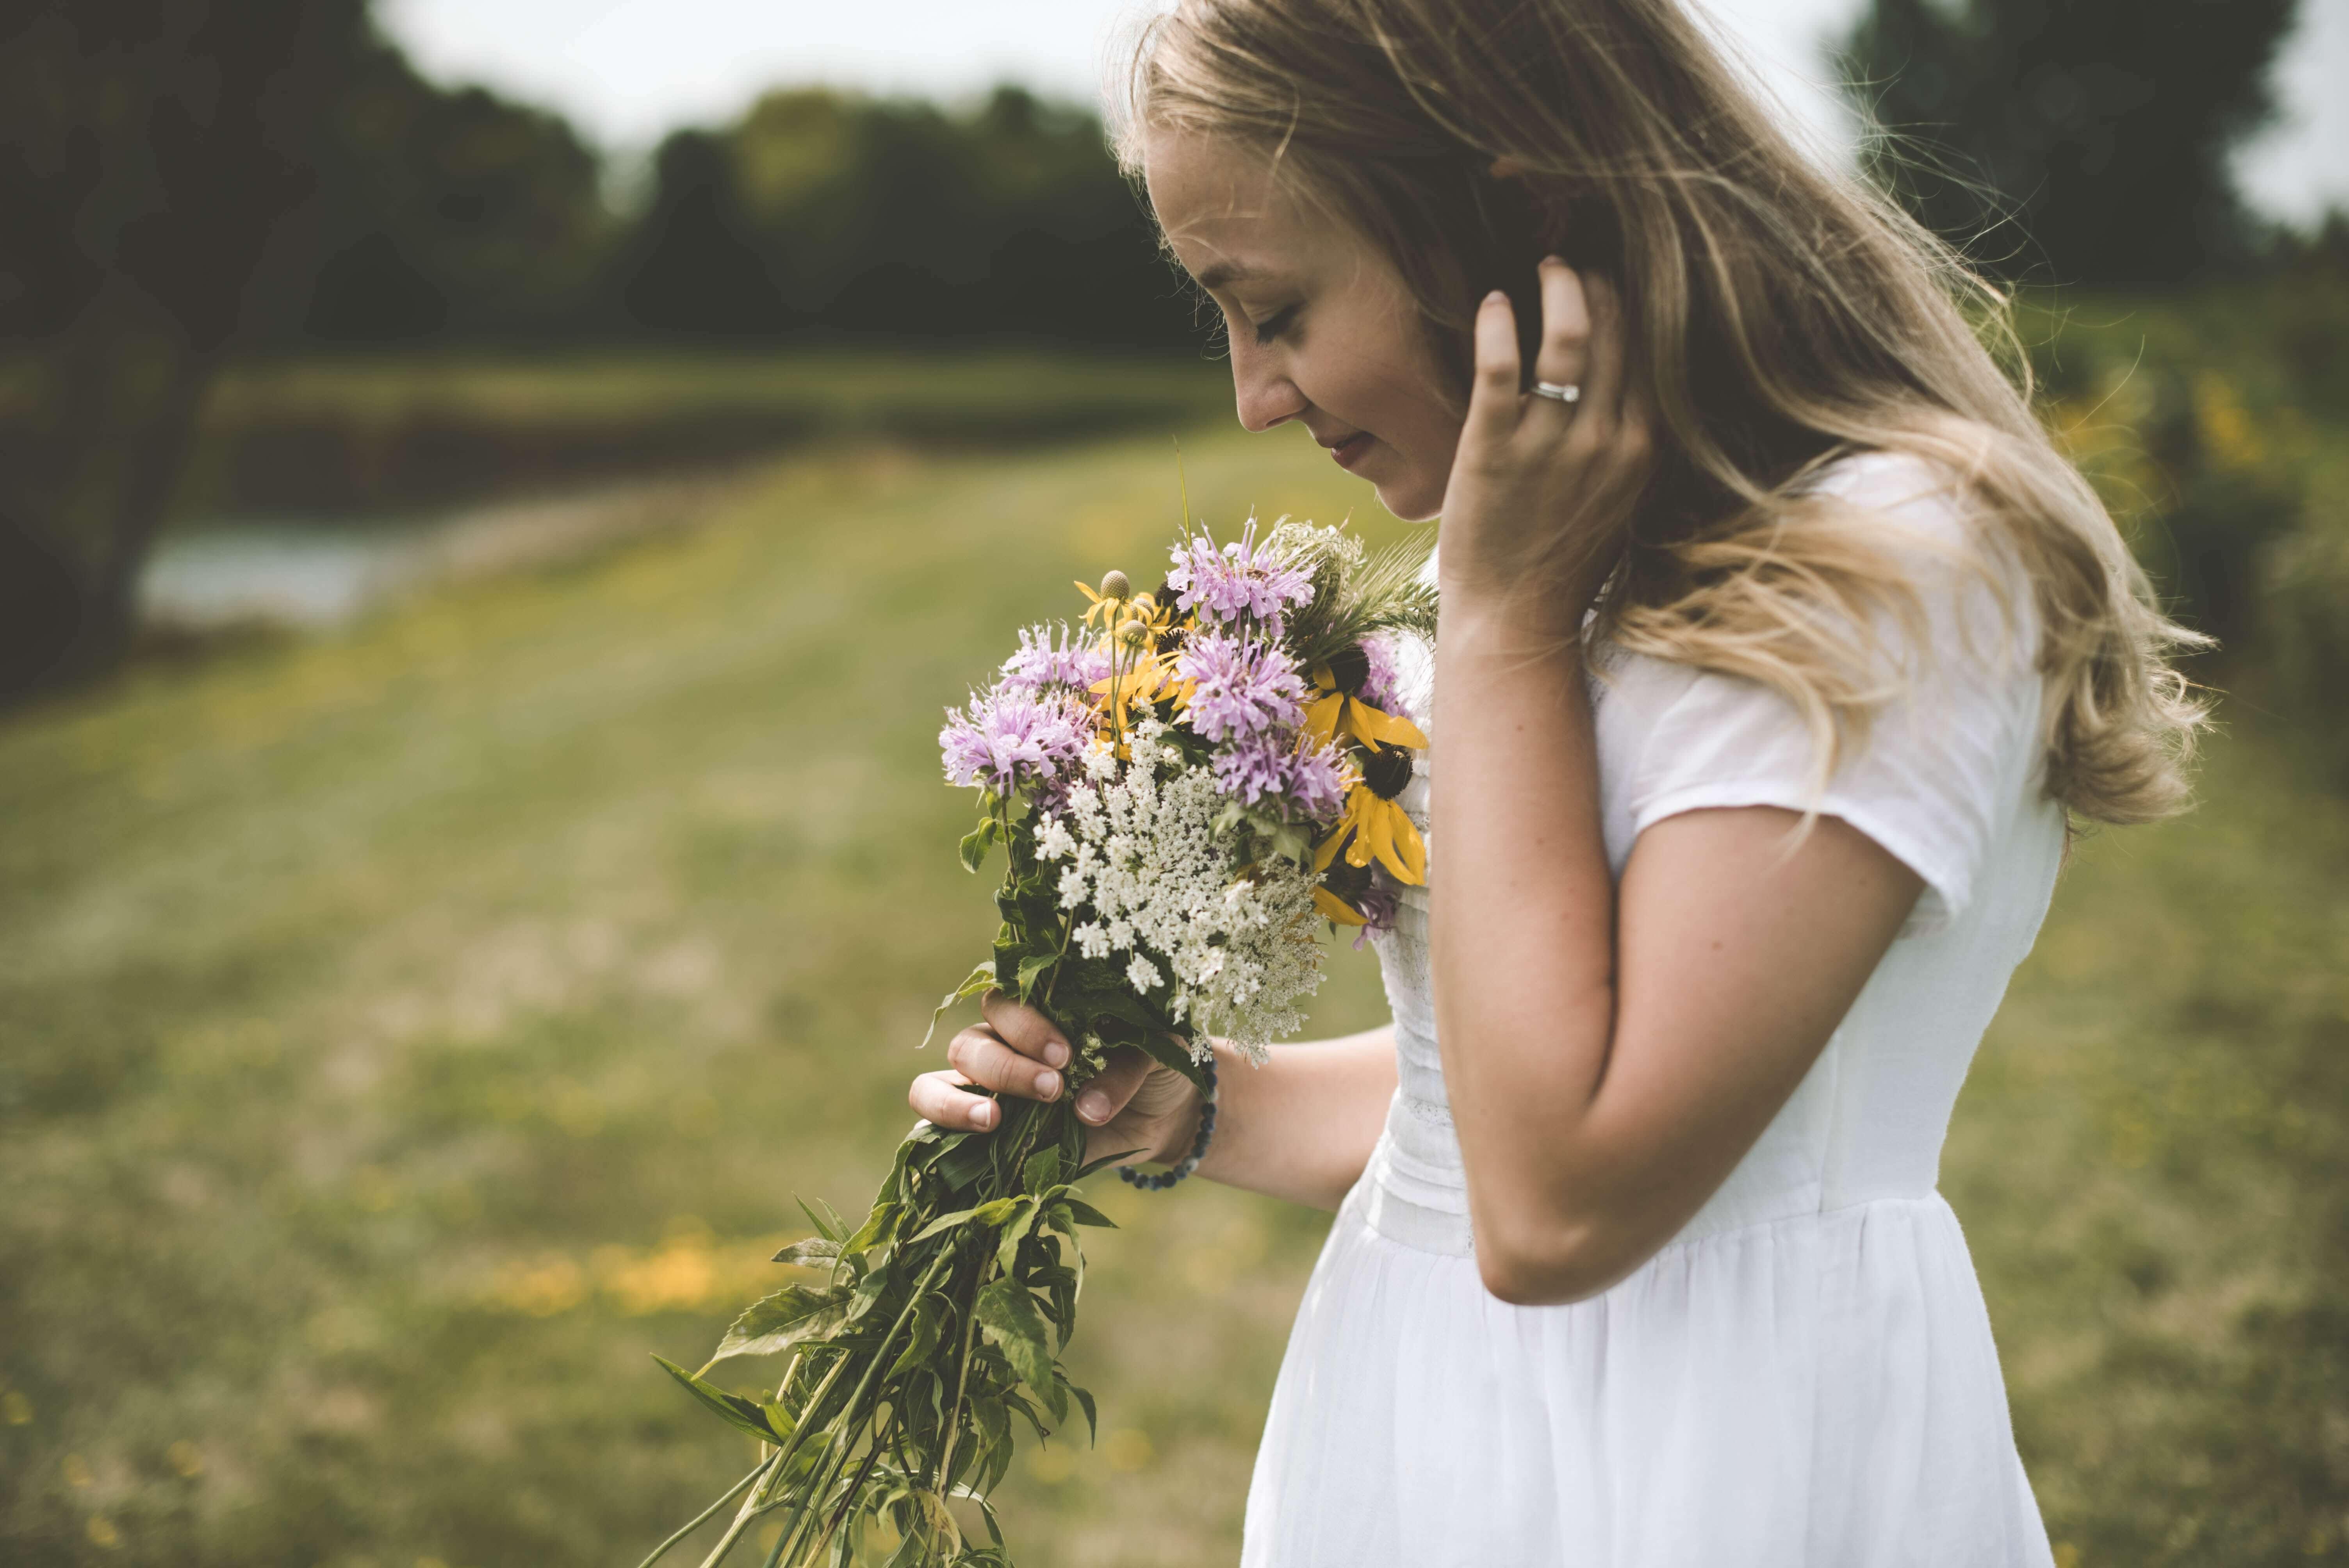 Le pouvoir des odeurs pour contribuer au bien-être, jeune femme qui sent un bouquet de fleurs dans les champs elle porte une robe blanche et est blonde